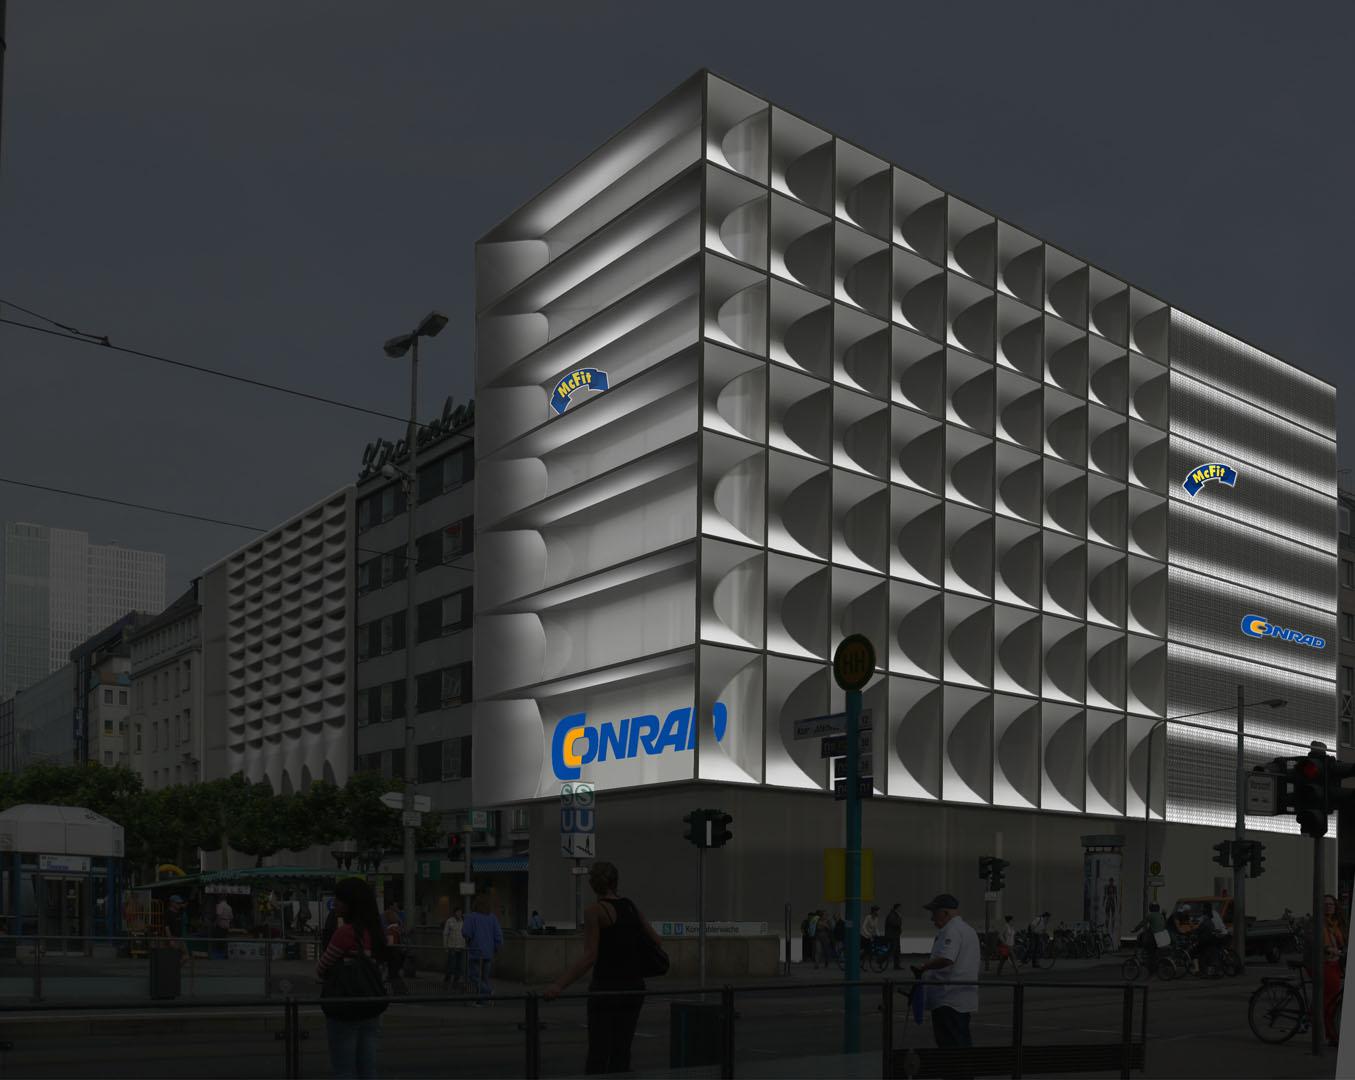 MAASS-Lichtplanung_Fassadenbeleuchtungskonzept für Frankfurter Geschäftshaus__MAASS-Zeil-007